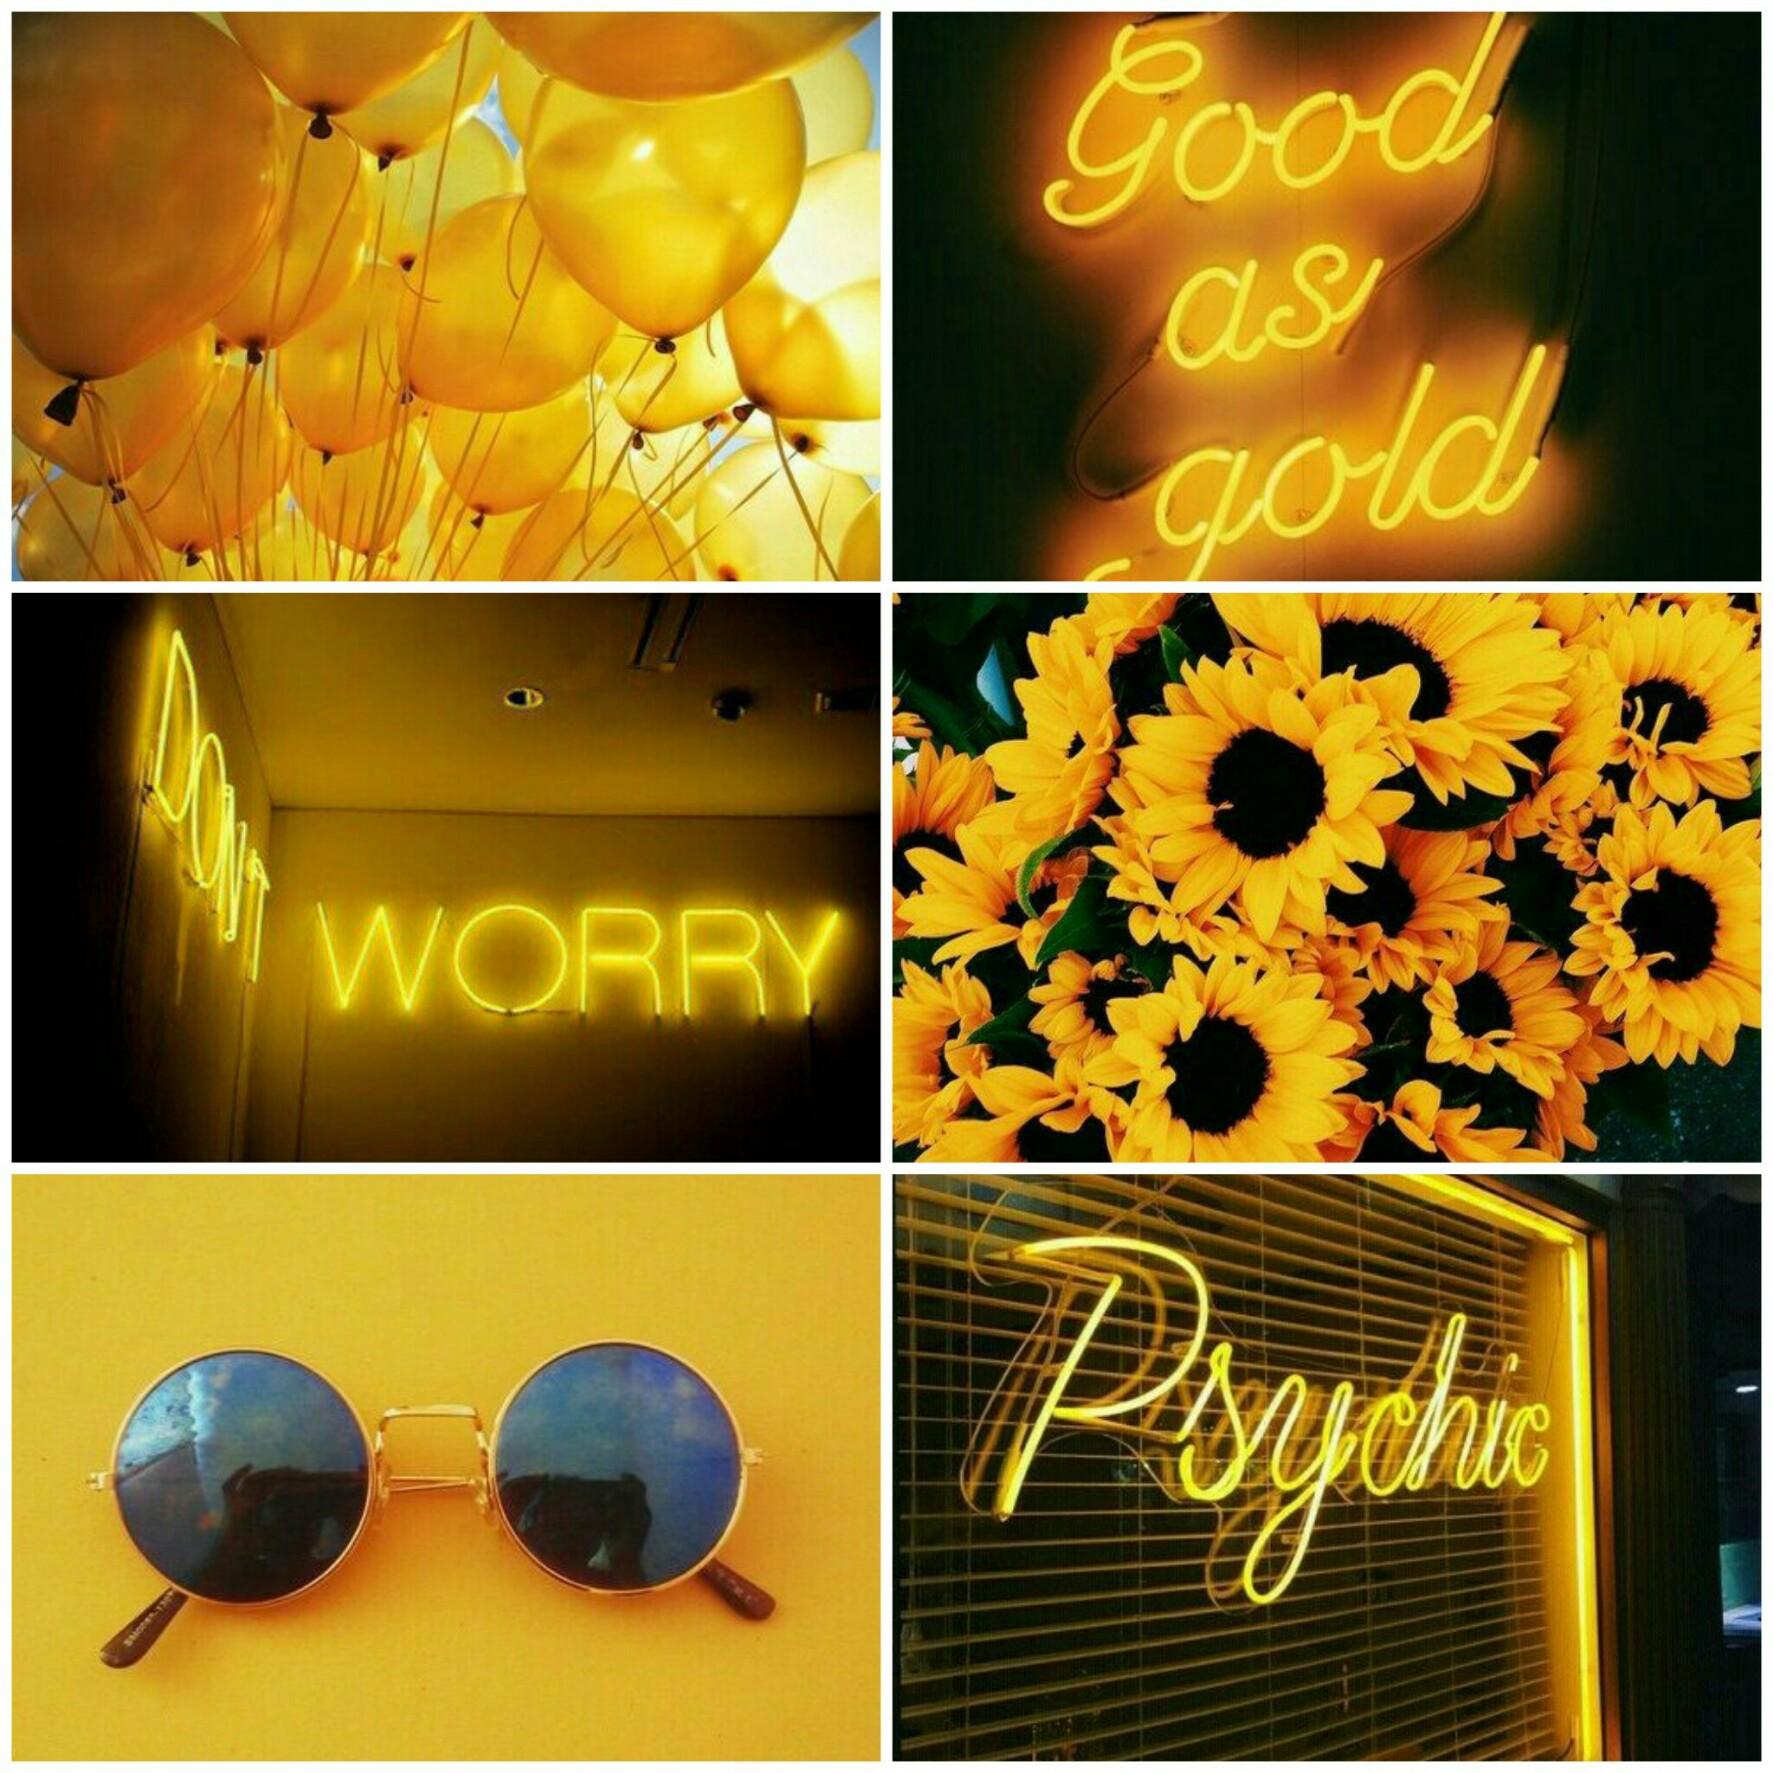 sunflower aestheticyellow aesthetic aesthetics neon yel